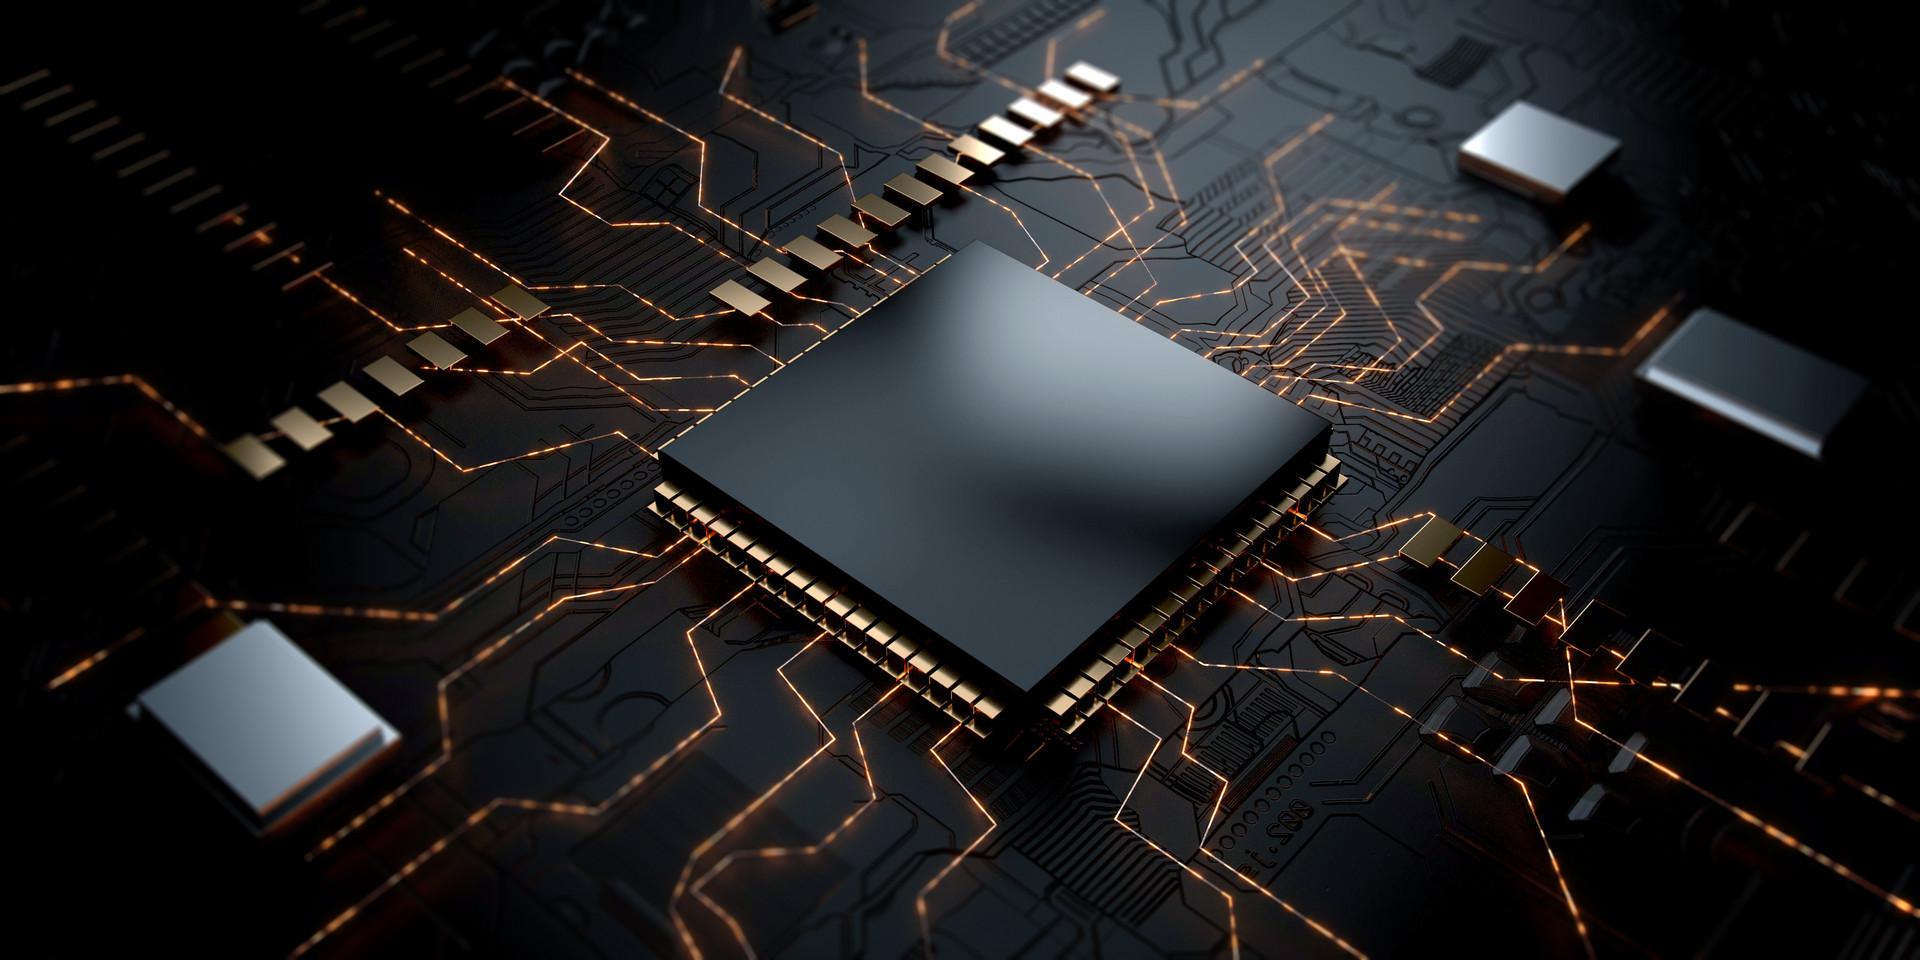 美光拿出第4代3D NAND芯片�悠�